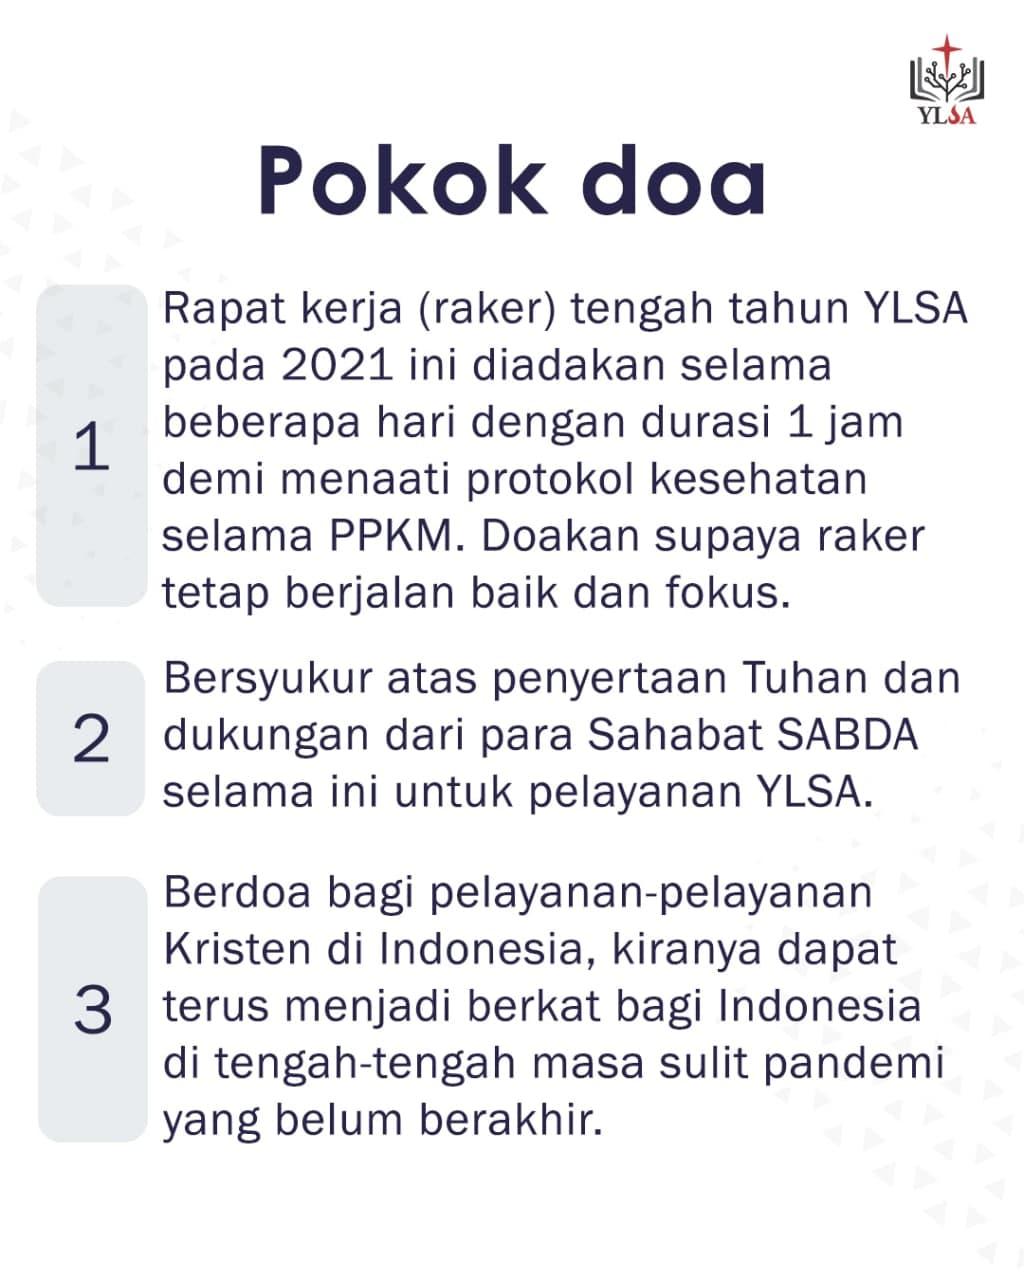 Mari berdoa bagi pelayanan YLSA dan pelayanan-pelayanan Kristen di Indonesia.